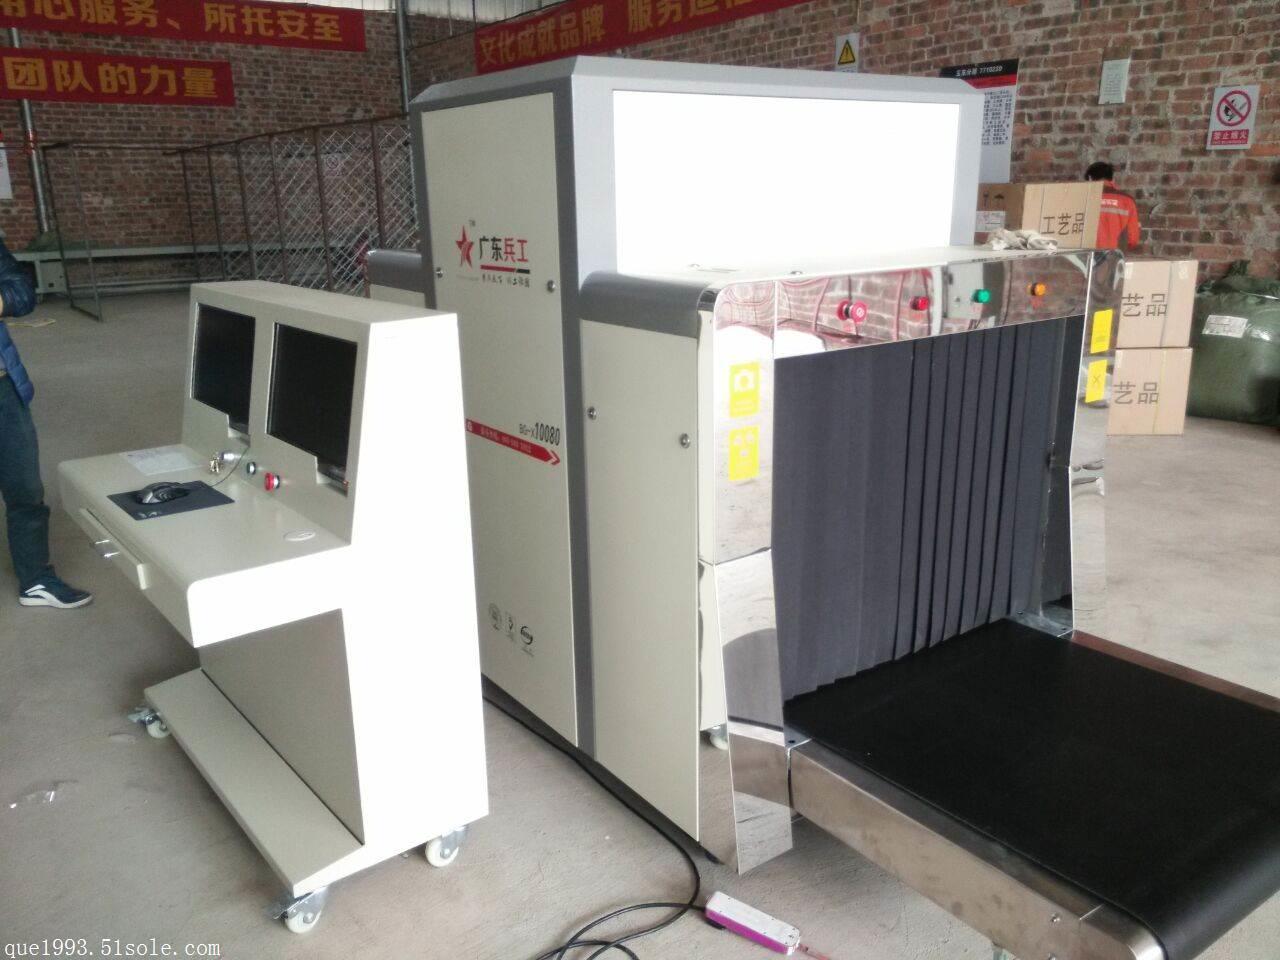 广东兵工BG-X10080G车站安检机行李包裹检测仪通道式X光机